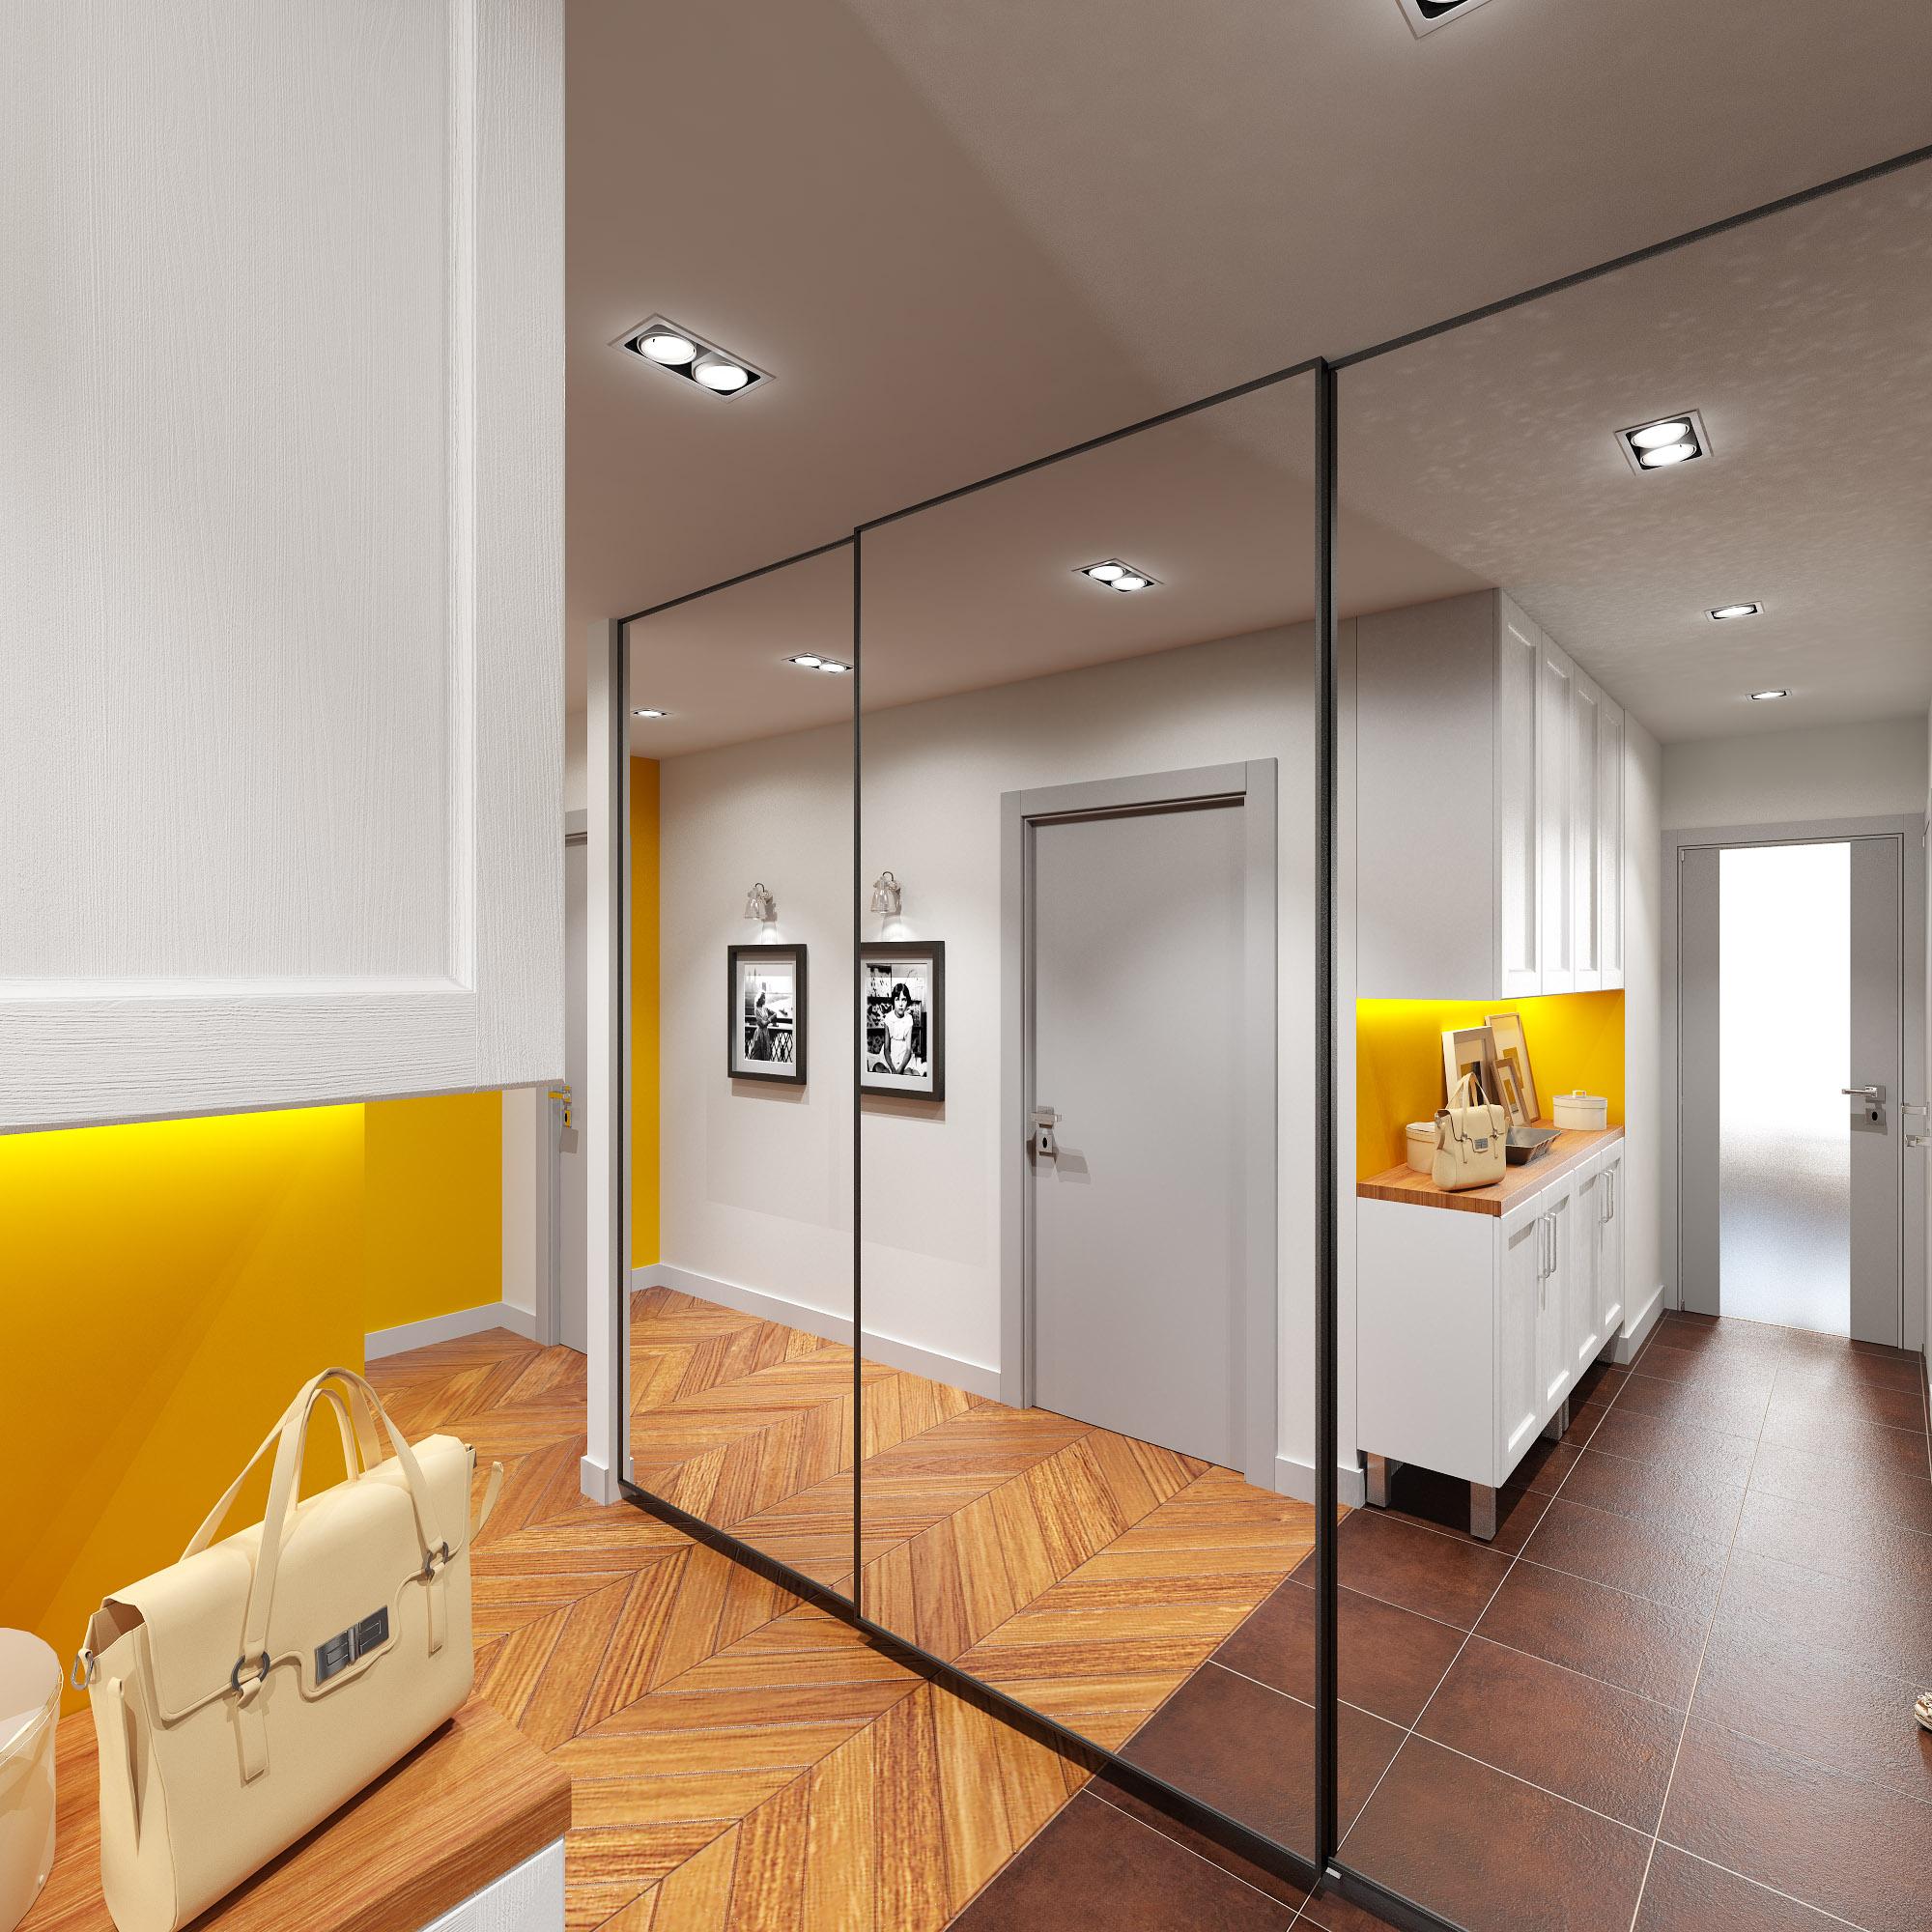 Потолочные светильники в прихожую (33 фото): модные коричневые модели 2020 для коридора